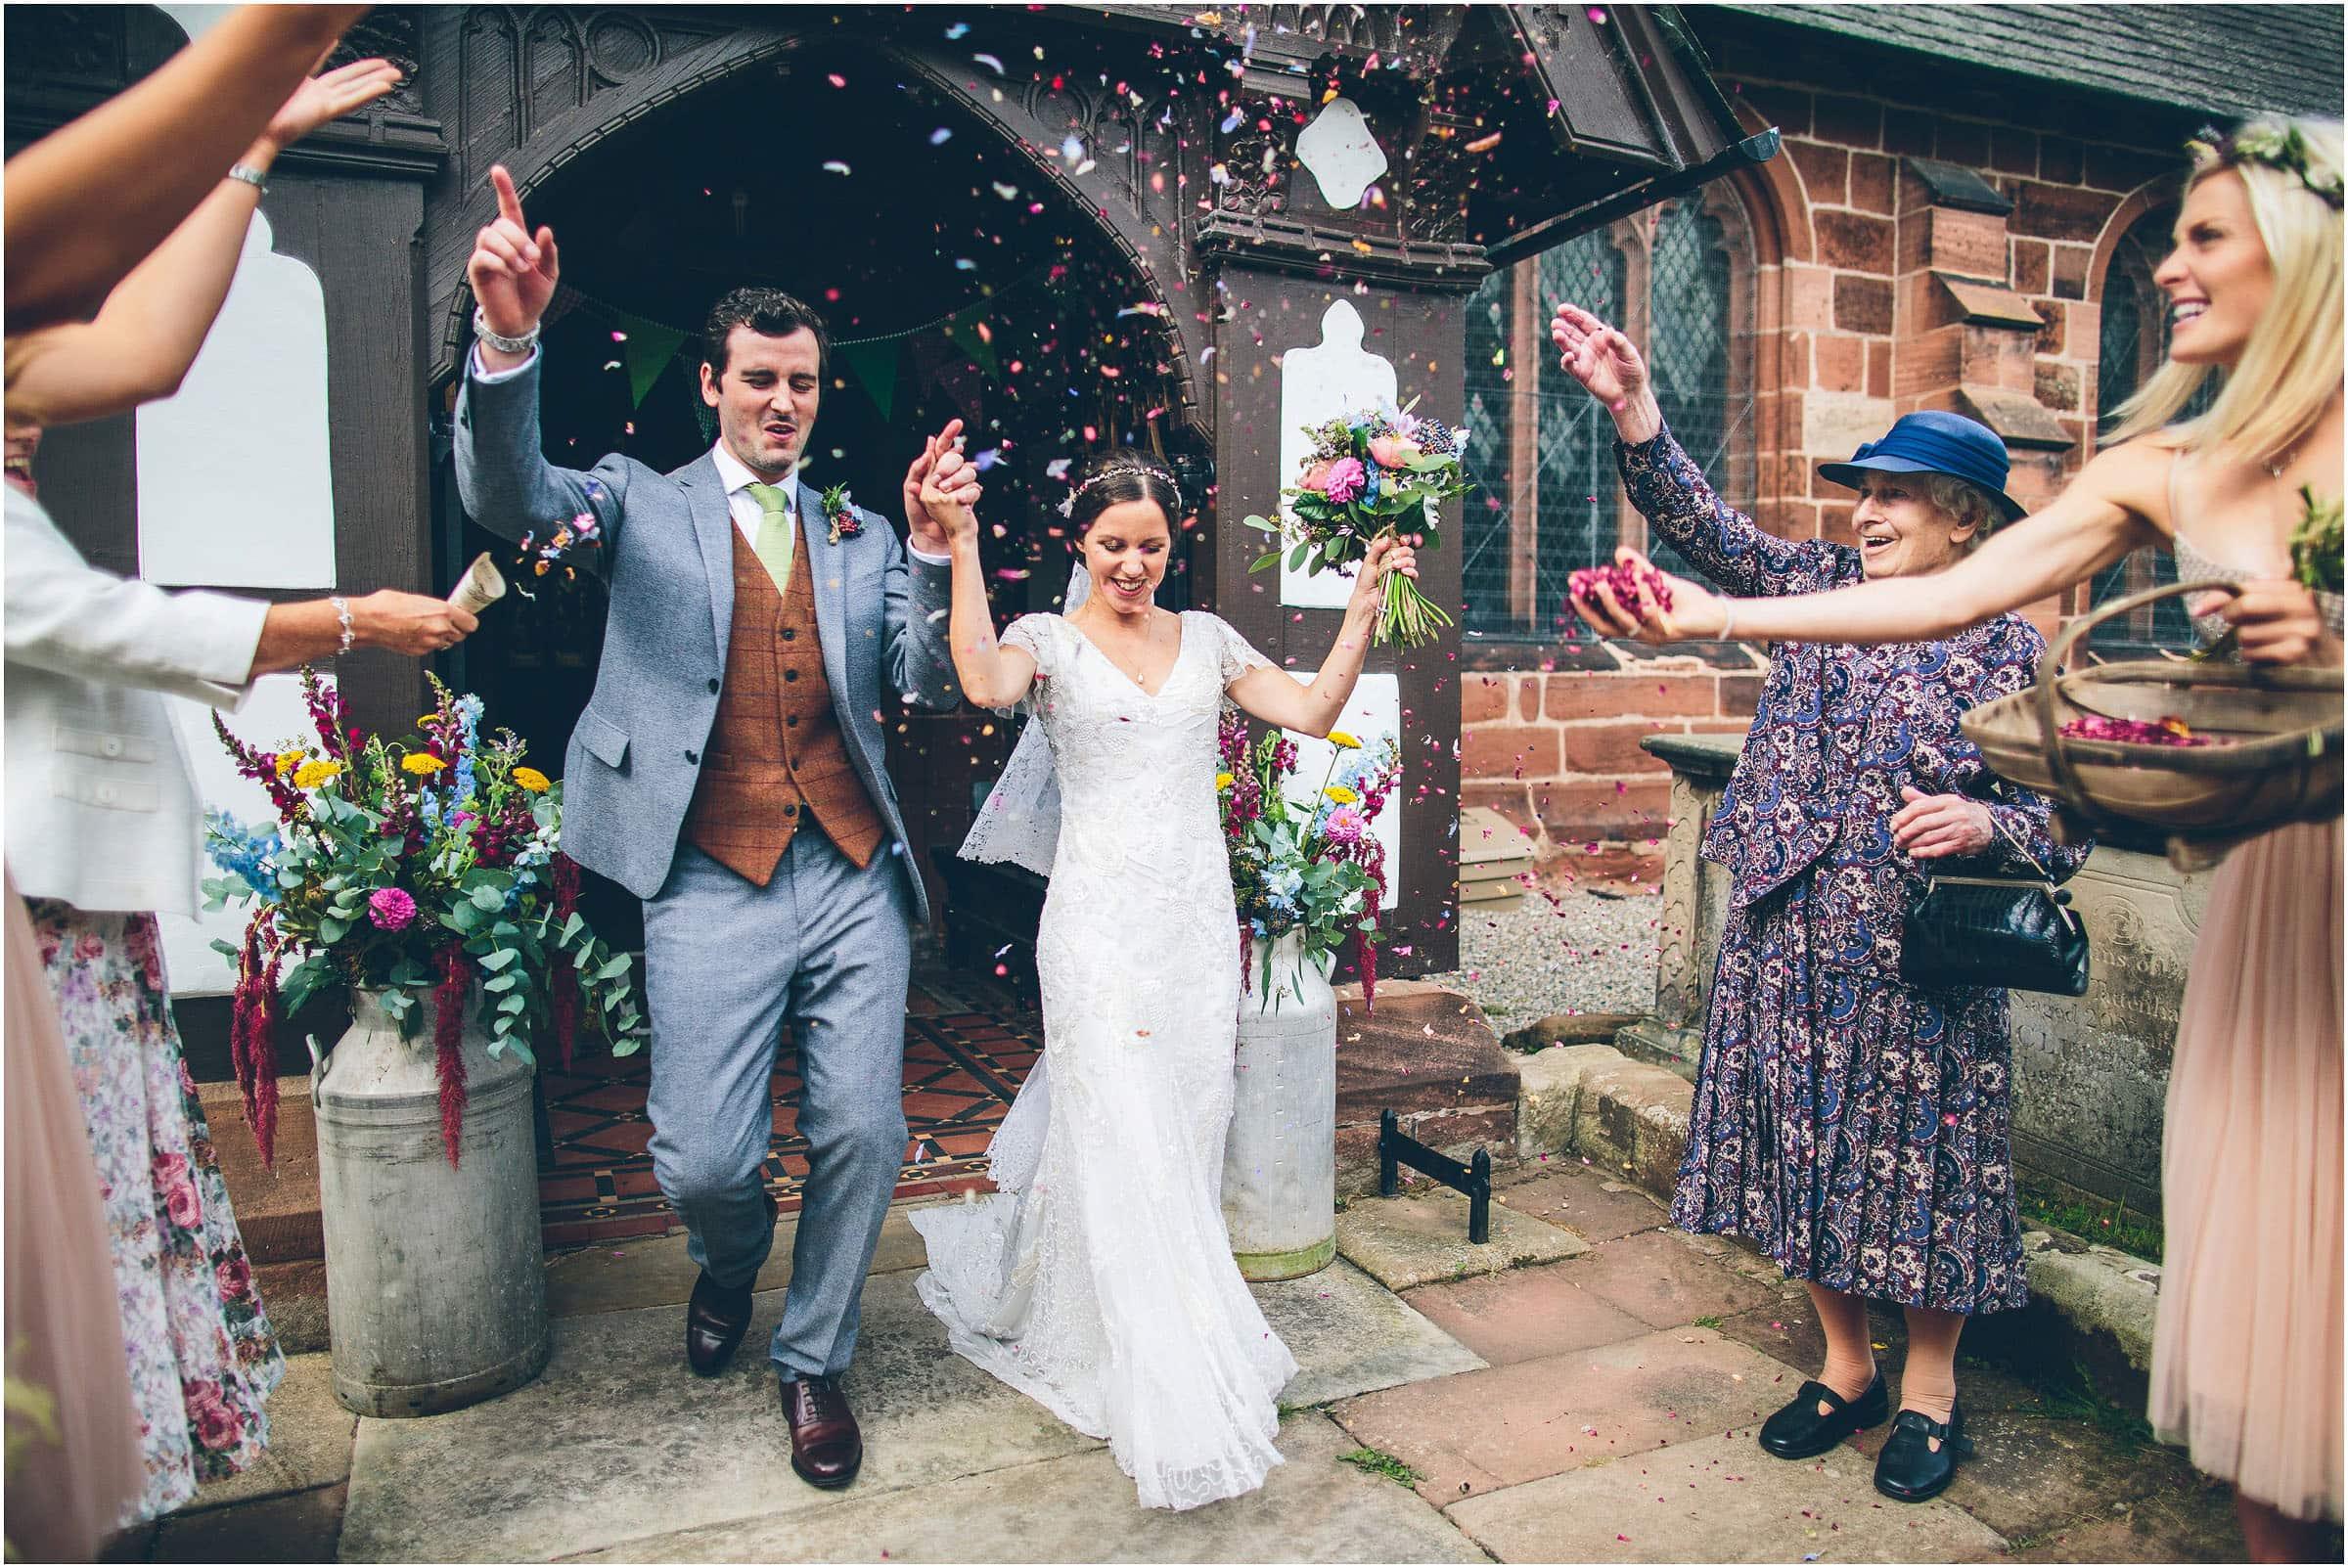 Harthill_Weddings_Wedding_Photography_0063